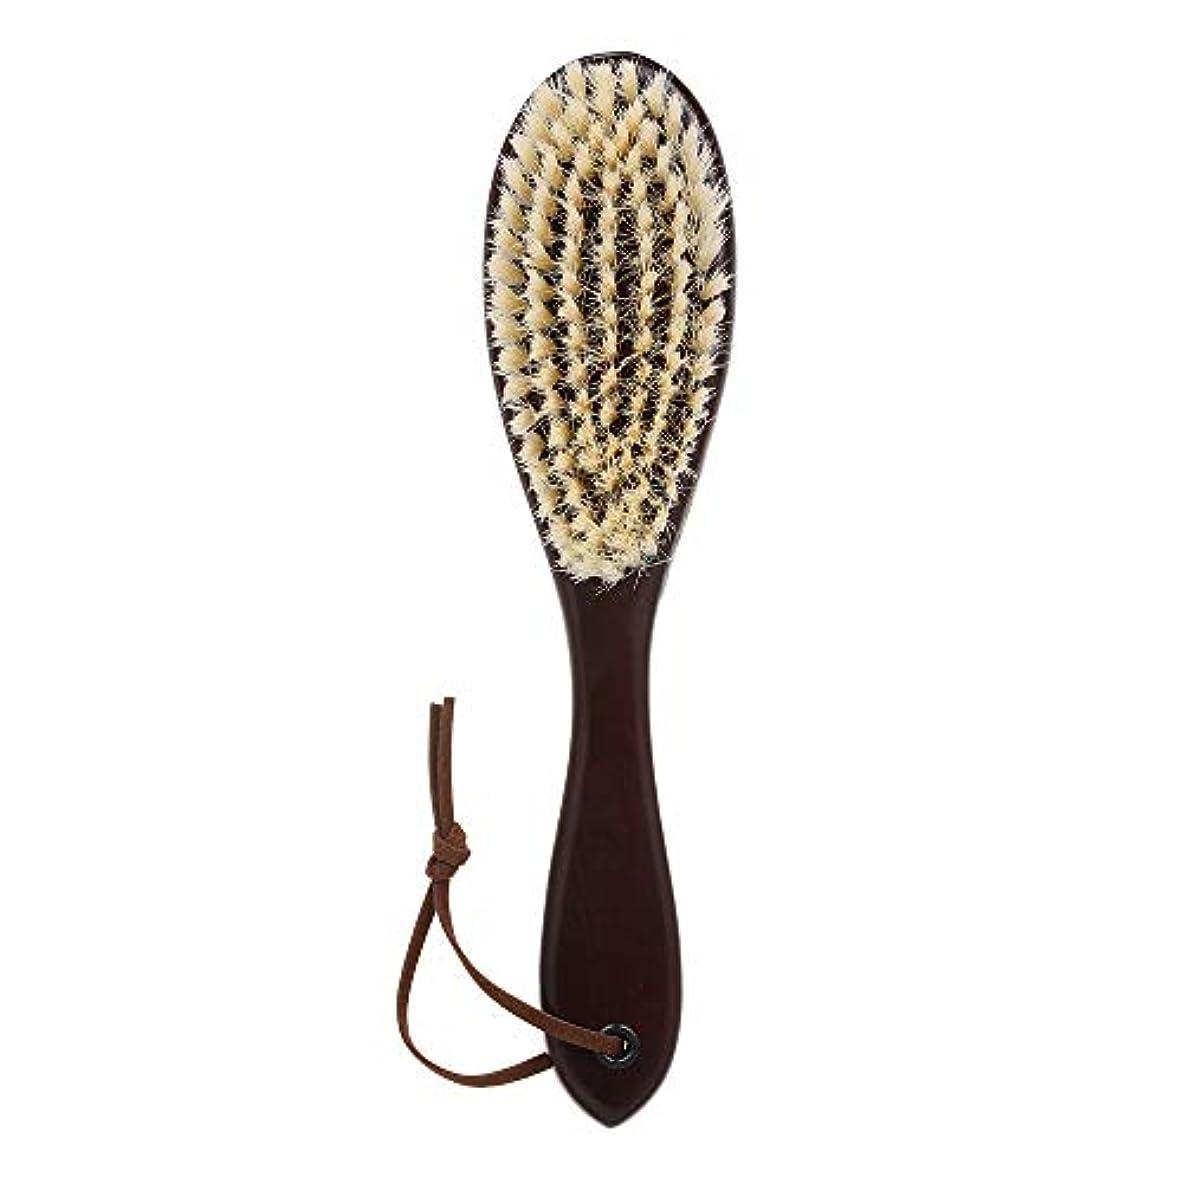 選挙インディカ型Decdeal 木製 ひげブラシ シェービングツール メンズ用 髭剃り シェービングブラシ